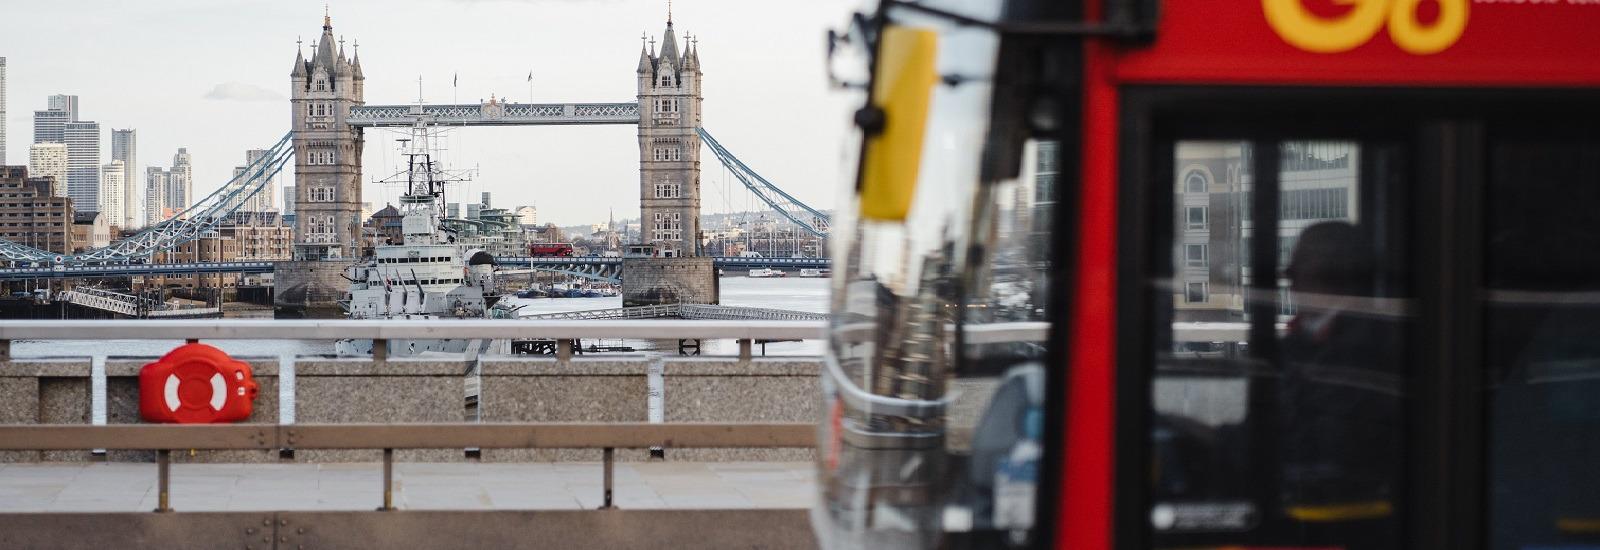 London International Dispute Week 2021